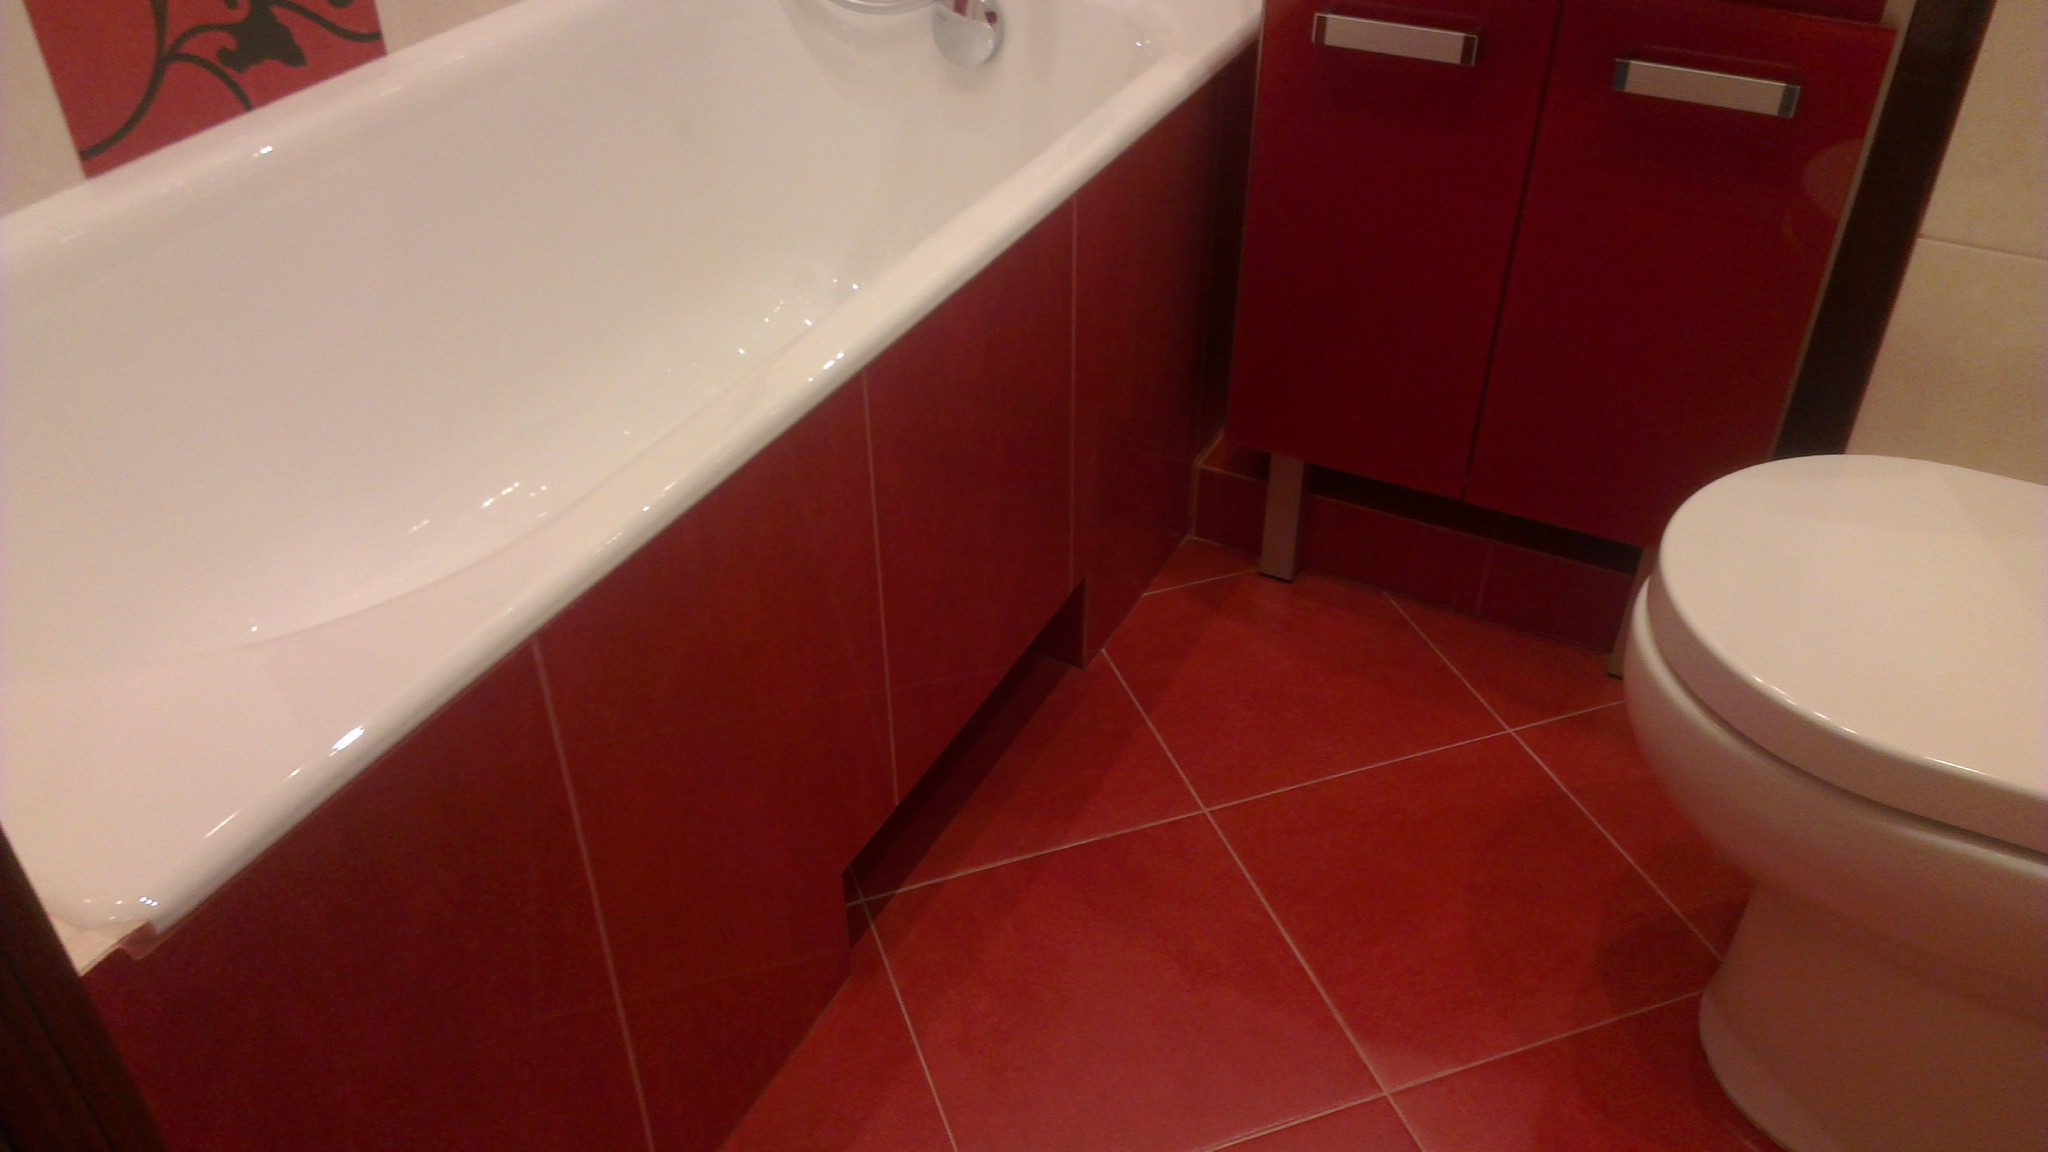 Выборка для ног под ванной